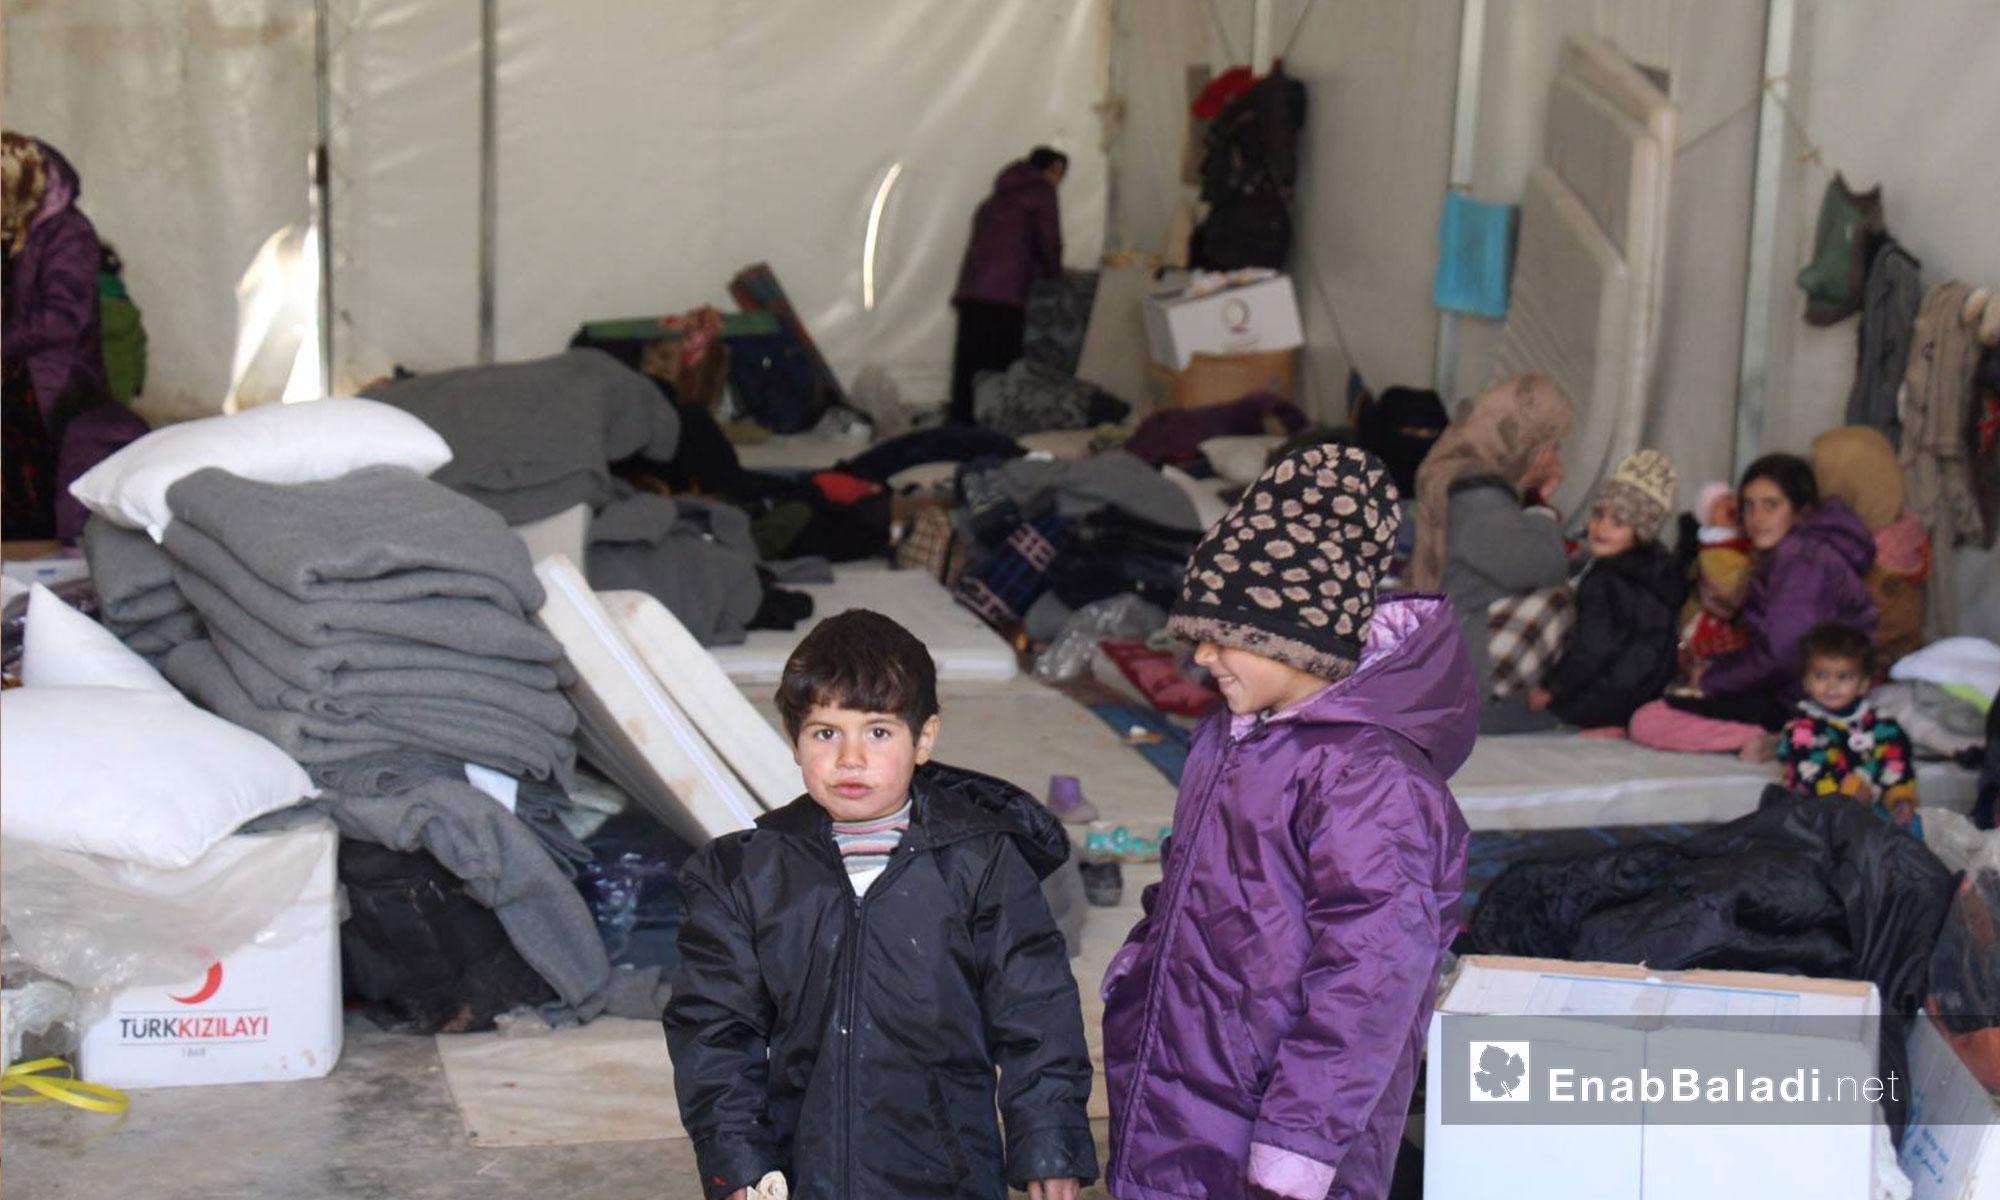 أطفال عراقيين في مركز استقبال مؤقت للاجئين في إعزار بريف حلب الشمالي - كانون الأول 2016 (عنب بلدي)